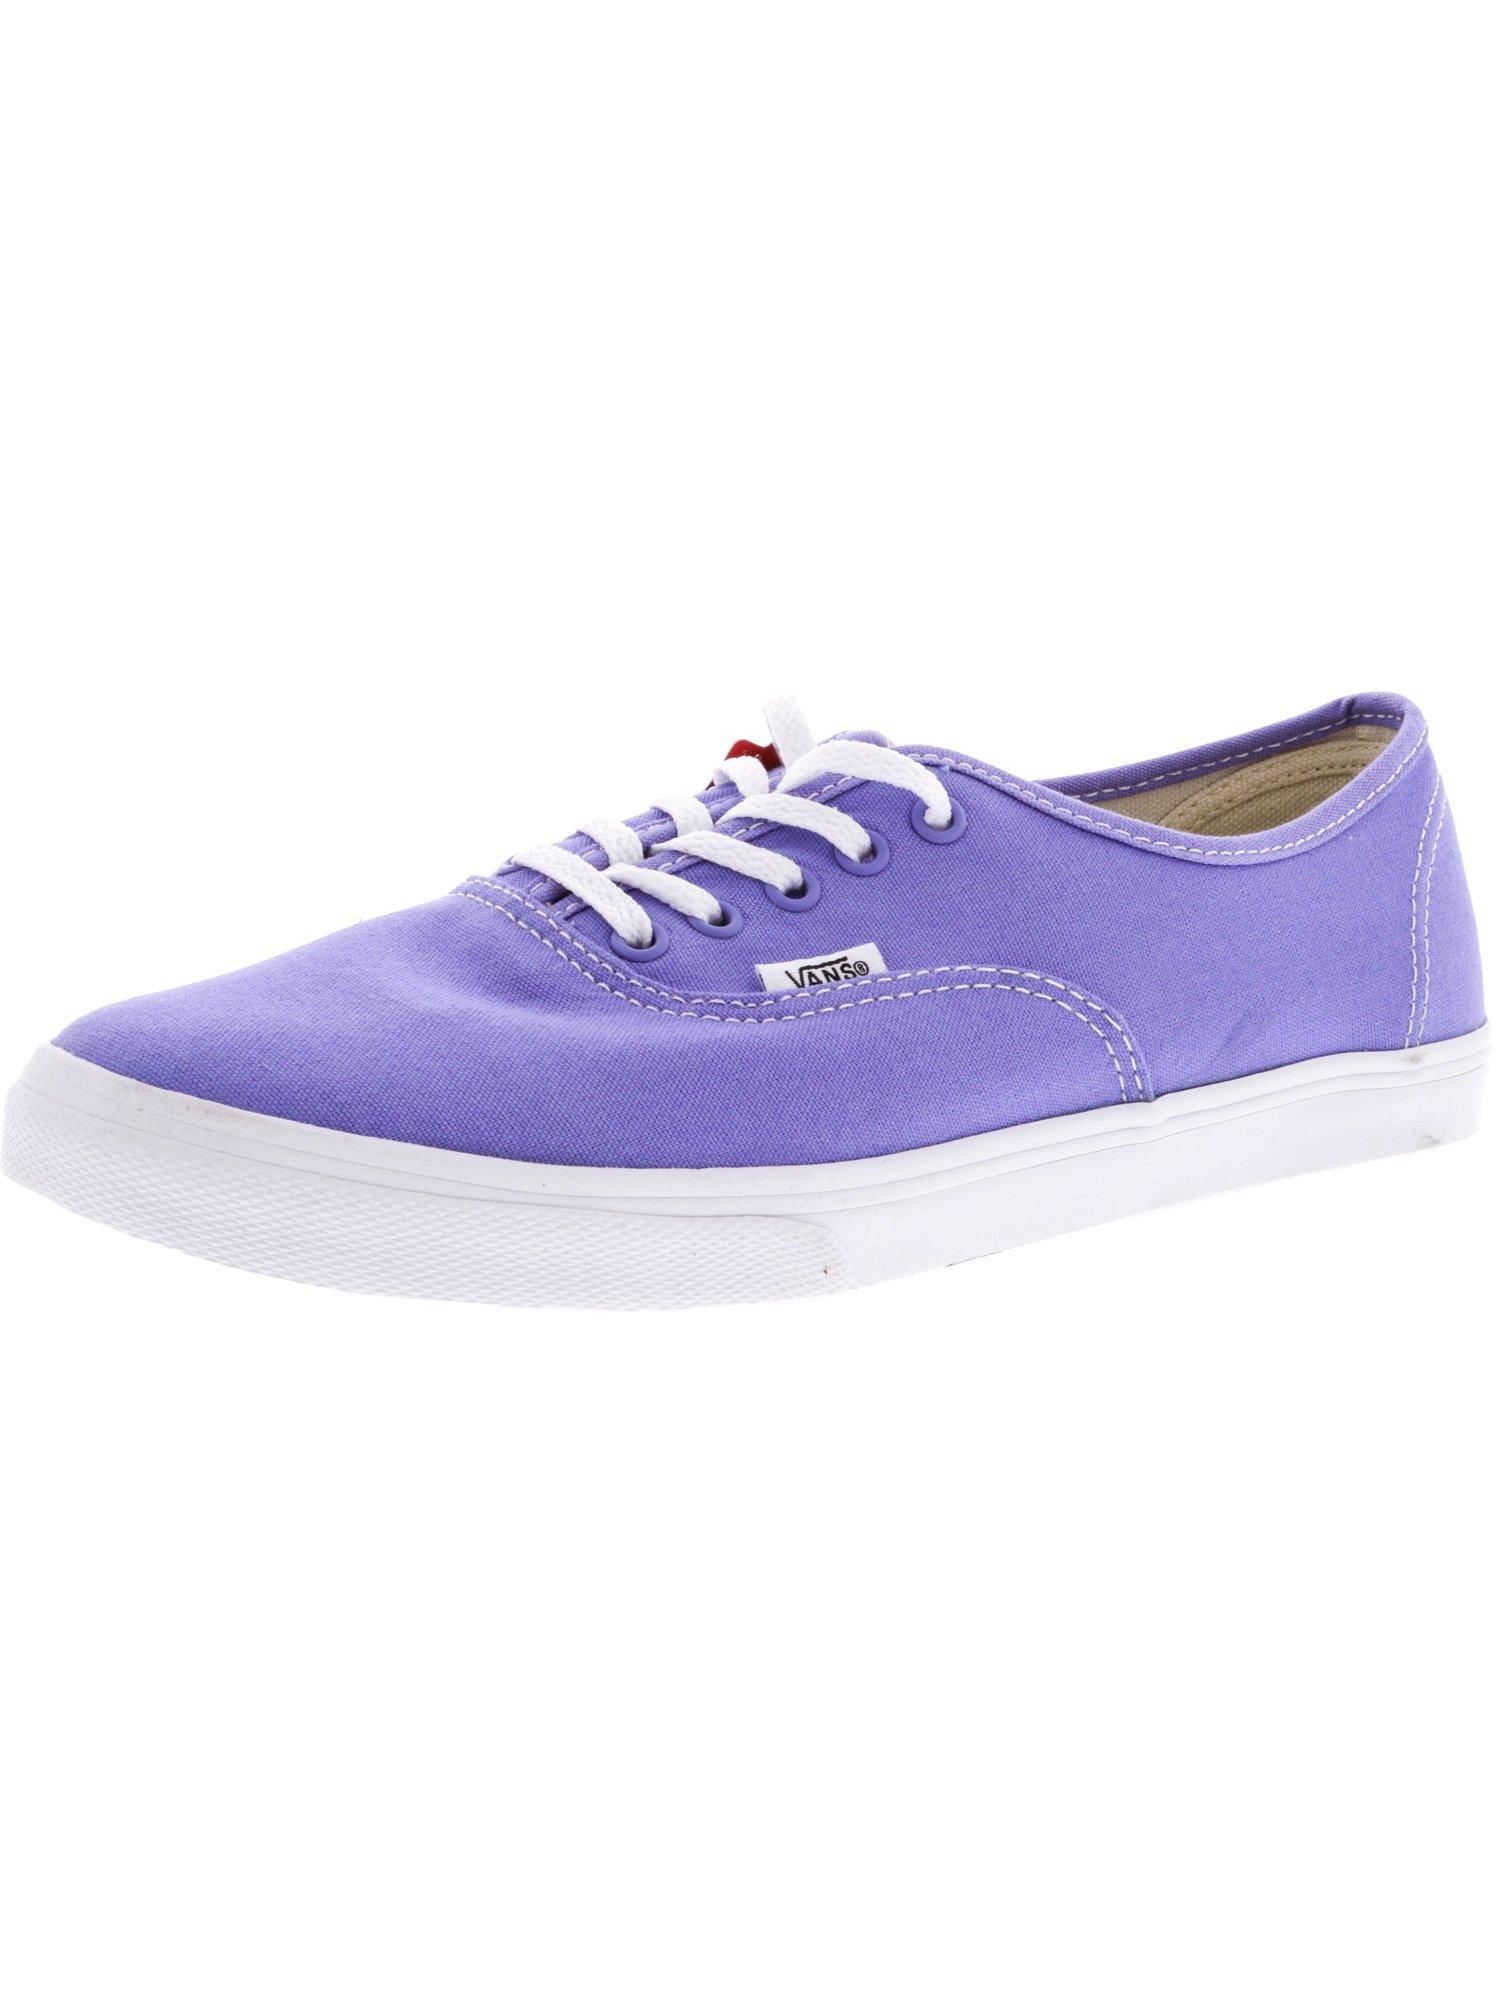 Vans Authentic Lo Pro Marshmallow Ankle-High Cotton Skateboarding Shoe - 9.5M / 8M